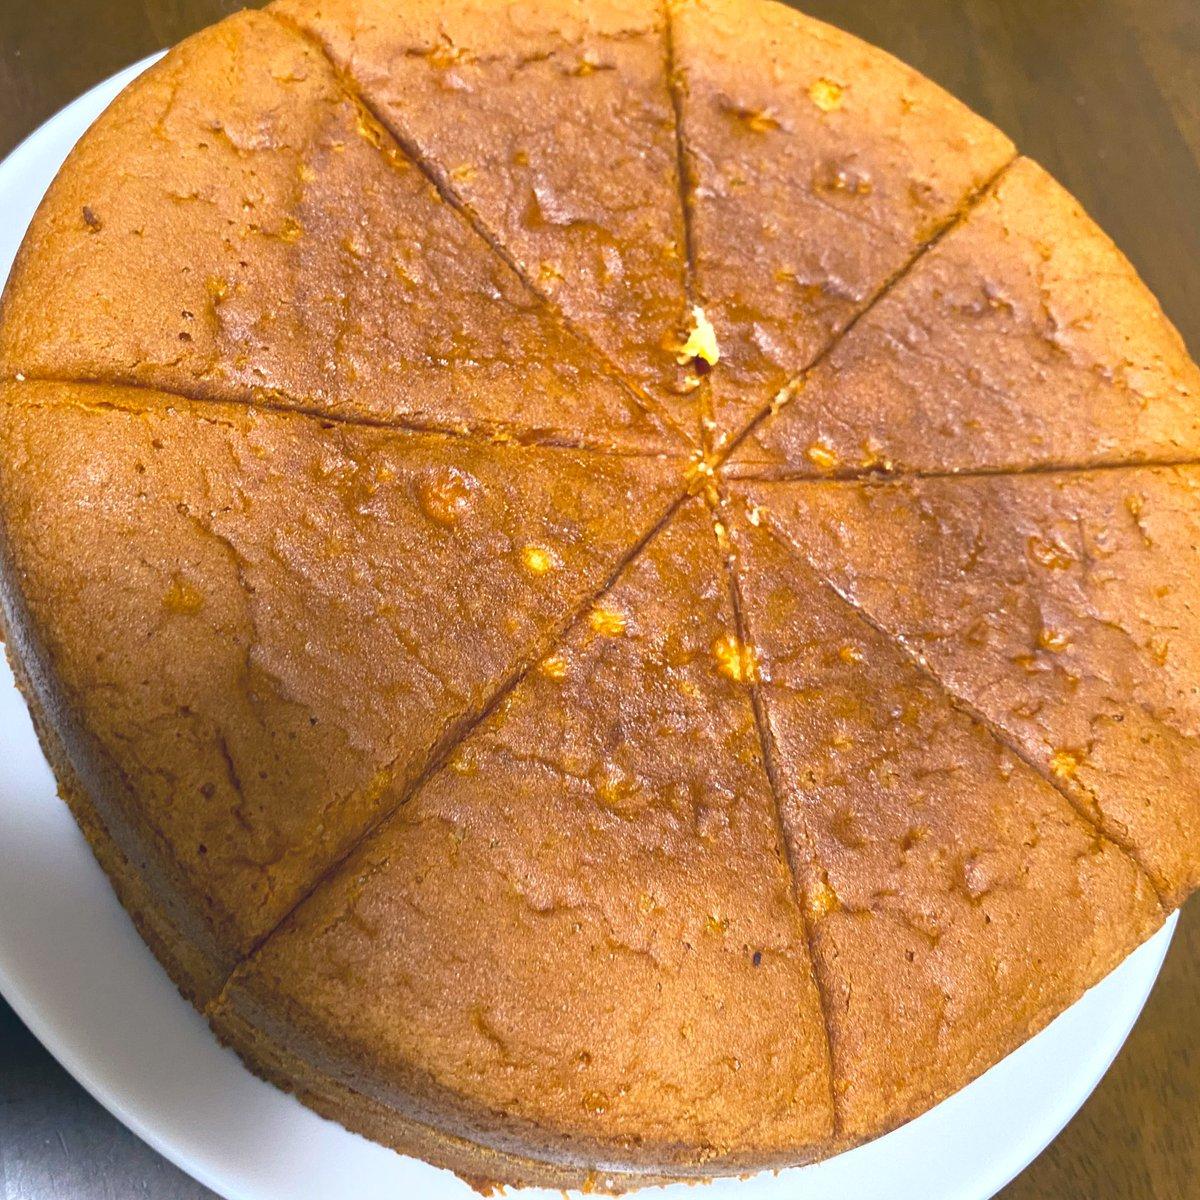 test ツイッターメディア - このツイートで長崎堂のバターケーキを知りまさかの同じ日に広島出張行ってた夫を試す(?)のに住所とURLを送り無事入手  なんだこれ美味しすぎる!_(┐「ε:)_♡ https://t.co/KtXTPnwiLt https://t.co/aMqZnkA1B6